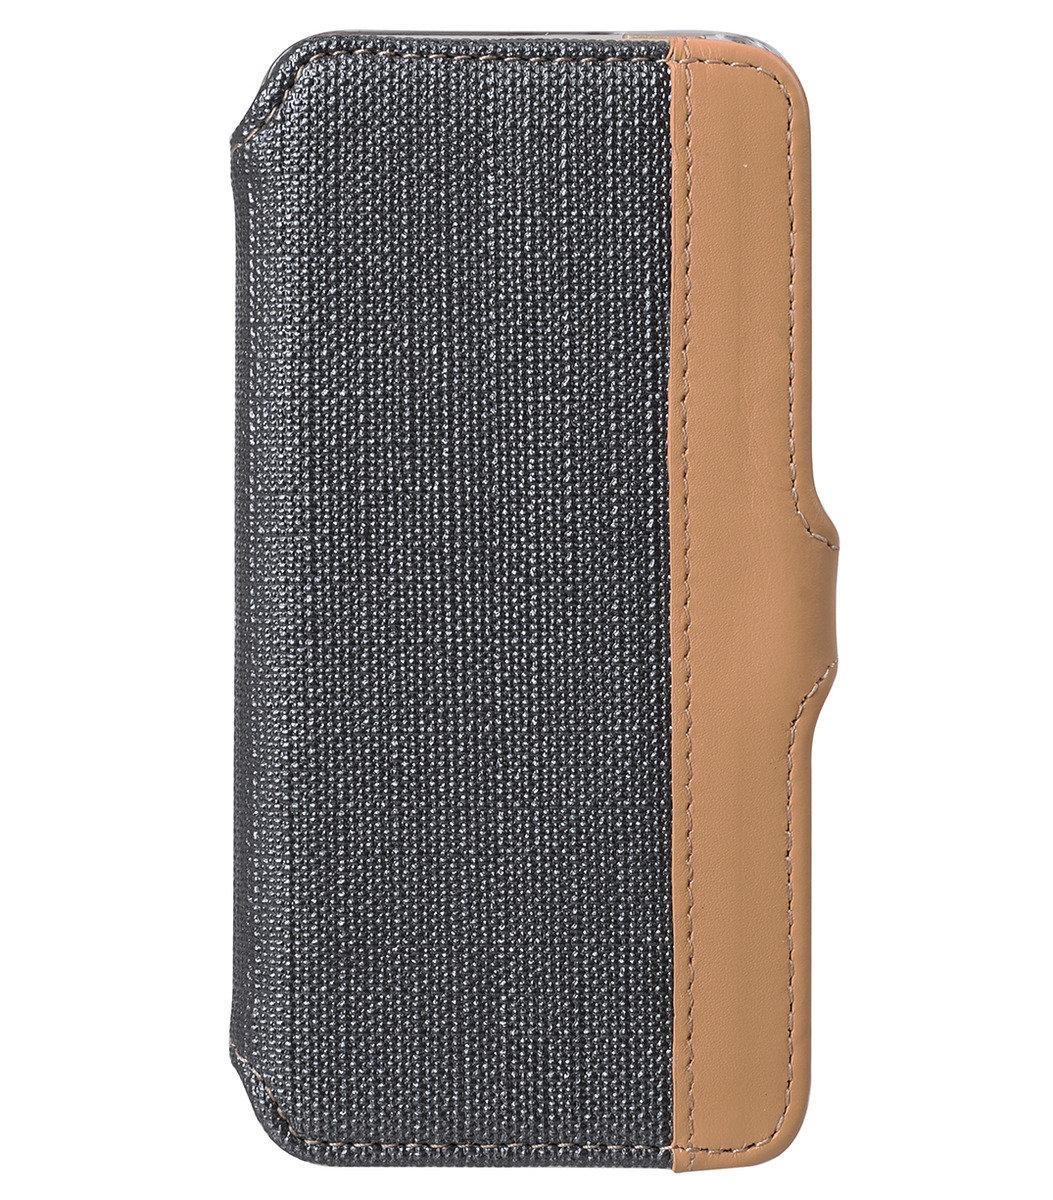 iPhone 5S/ 5 Sampu系列 橫揭式高級皮革手機套 - 灰色